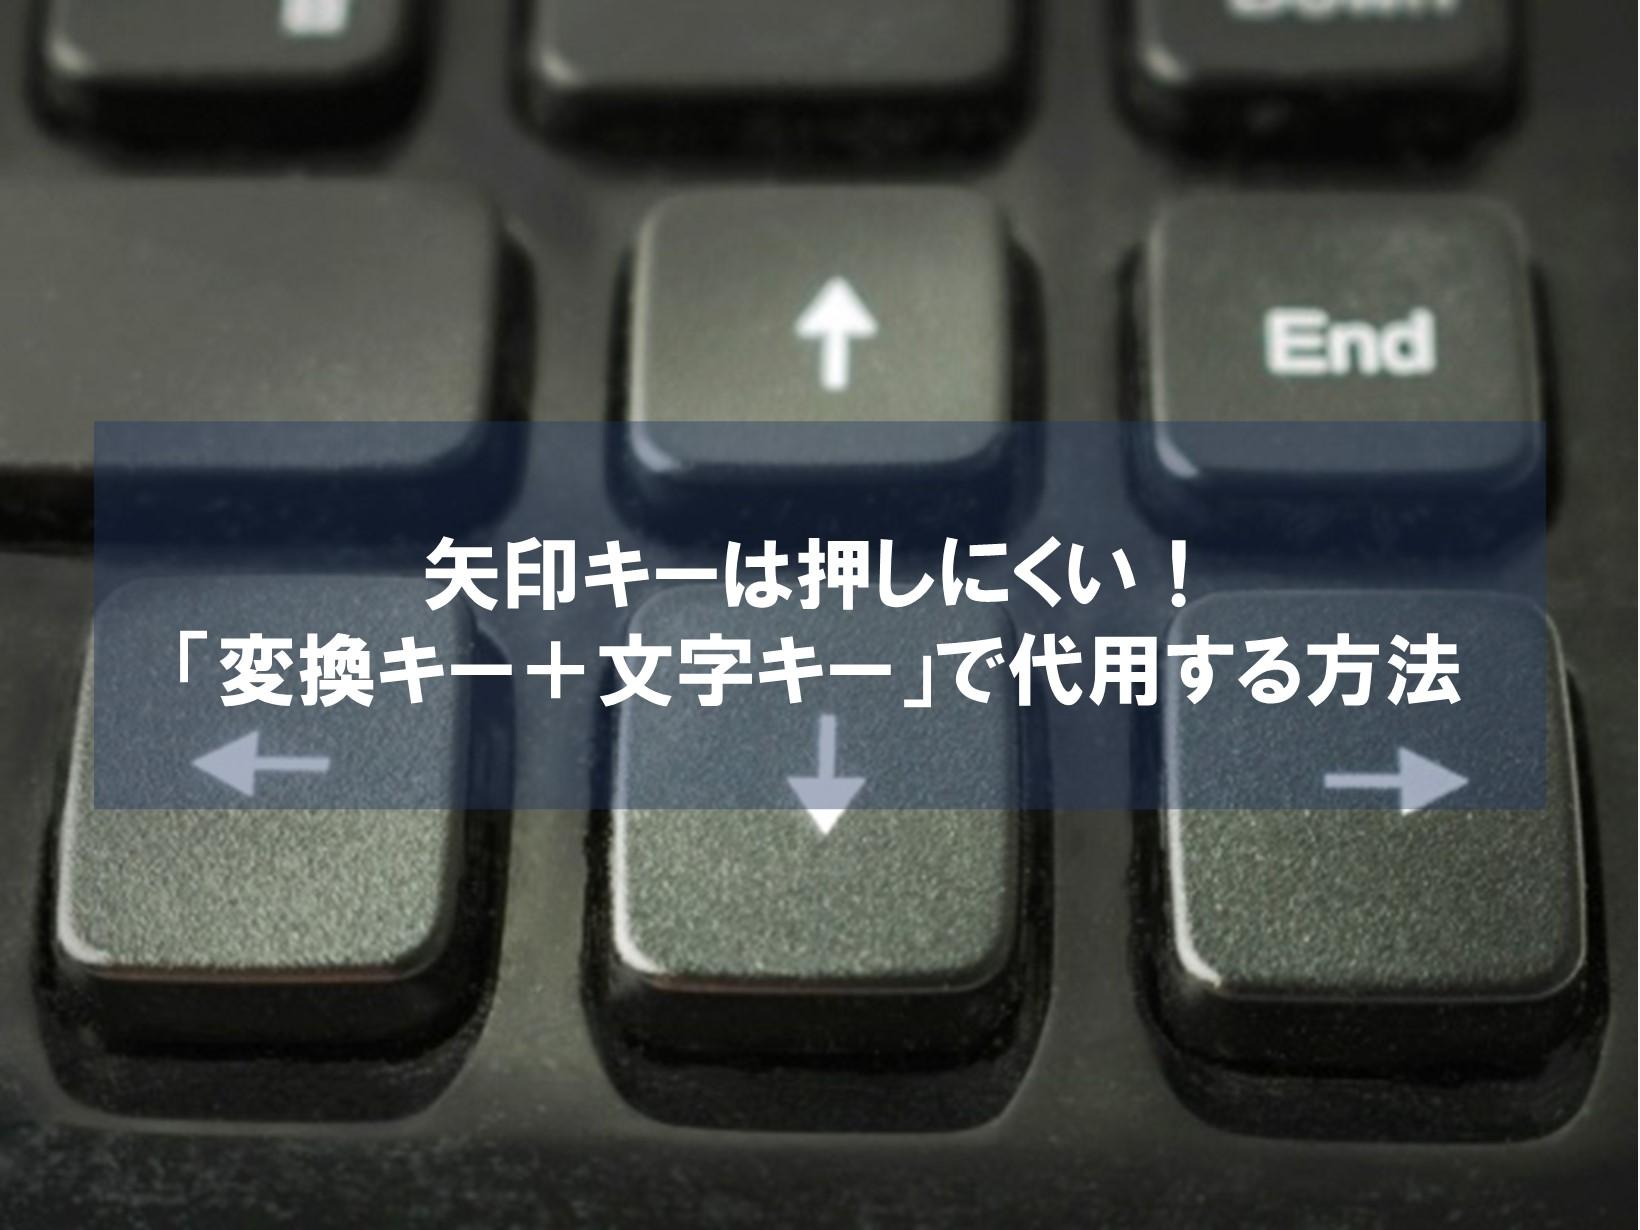 矢印キーは押しにくい!「変換キー+文字キー」で代用する方法